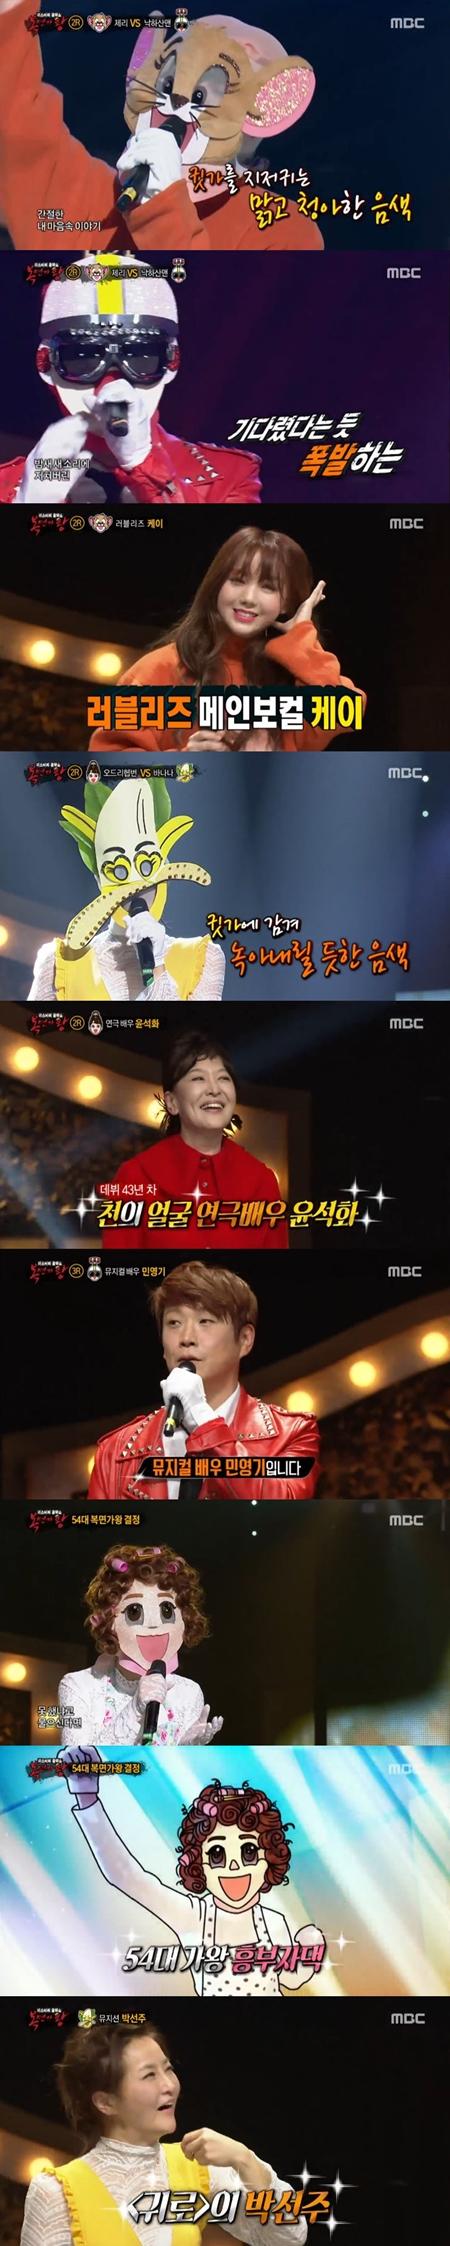 '복면가왕' 흥부자댁, 가왕방어 성공…바나나는 박선주 (종합)